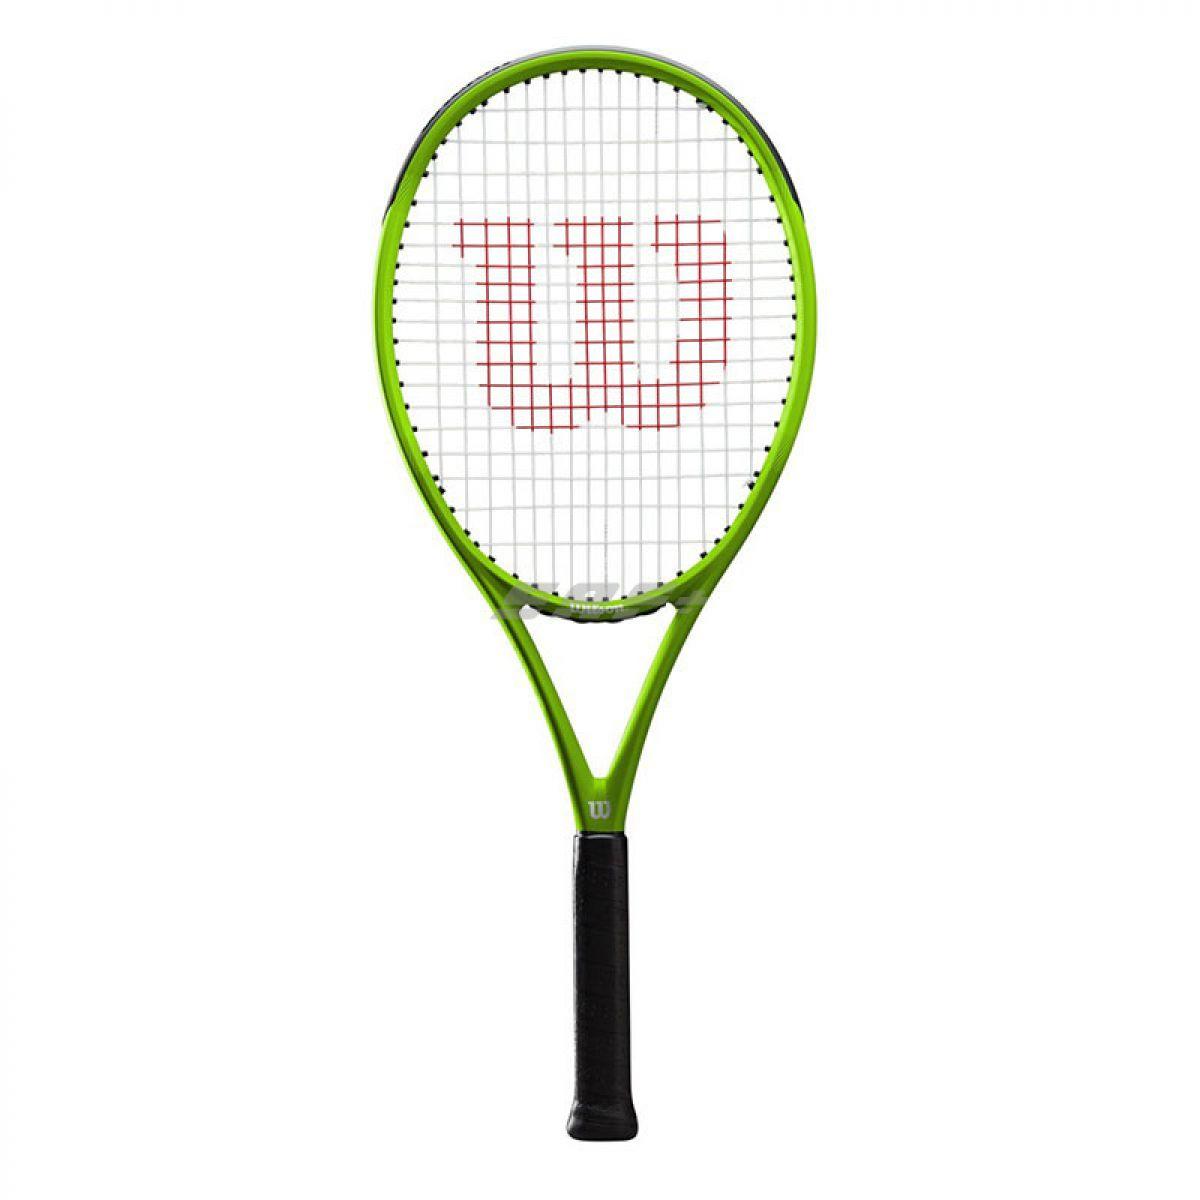 Ракетка теннисная Ракетка б/т Wilson Blade Feel Pro, артWR018810U2, для любителей, со струнами, зеленый